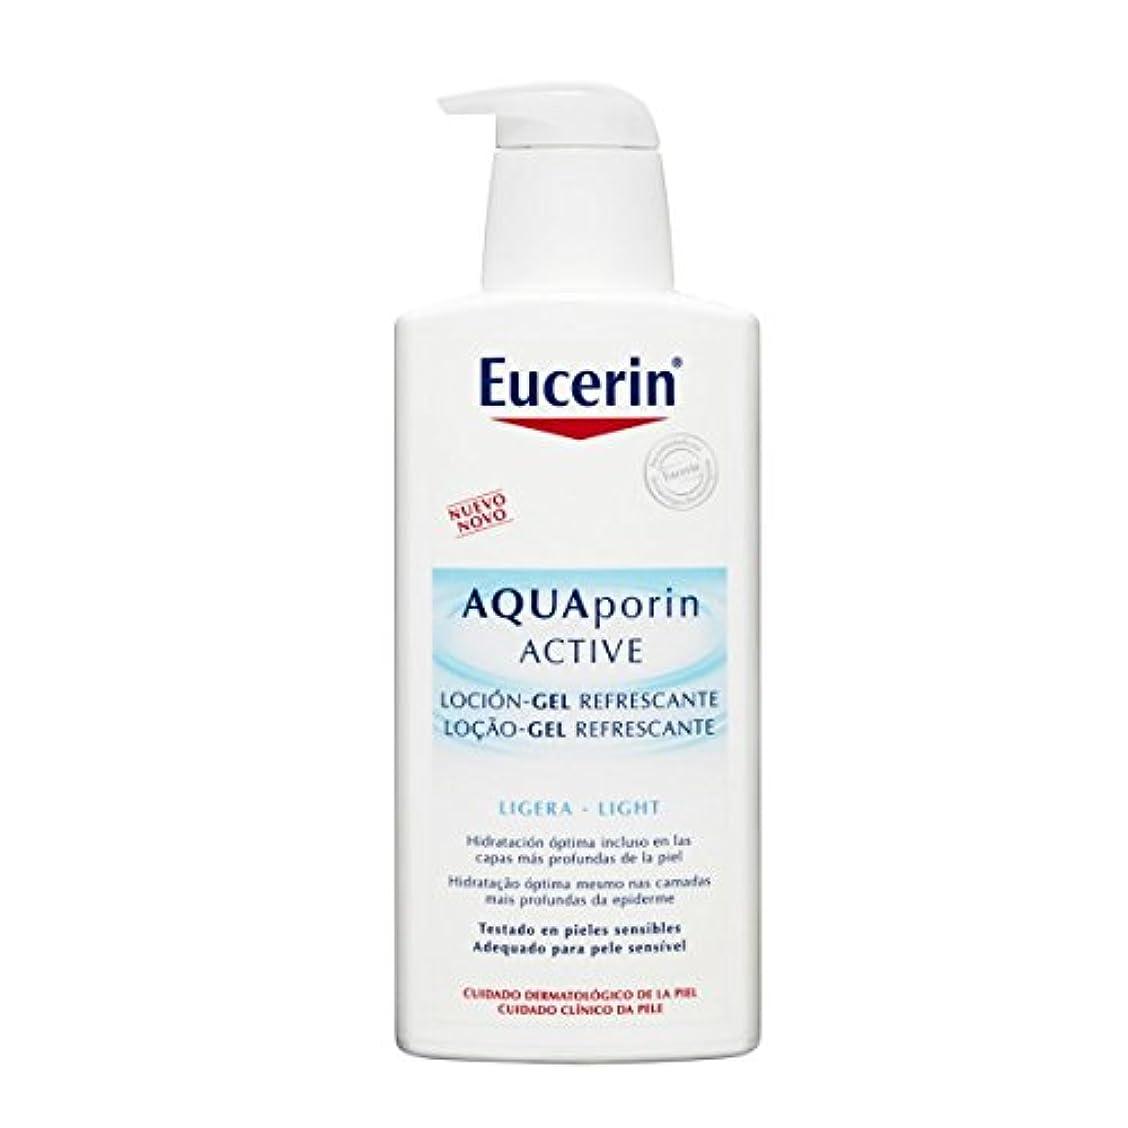 国籍請求書ブラウズEucerin Aquaporin Active Intense Body Balm 400ml [並行輸入品]